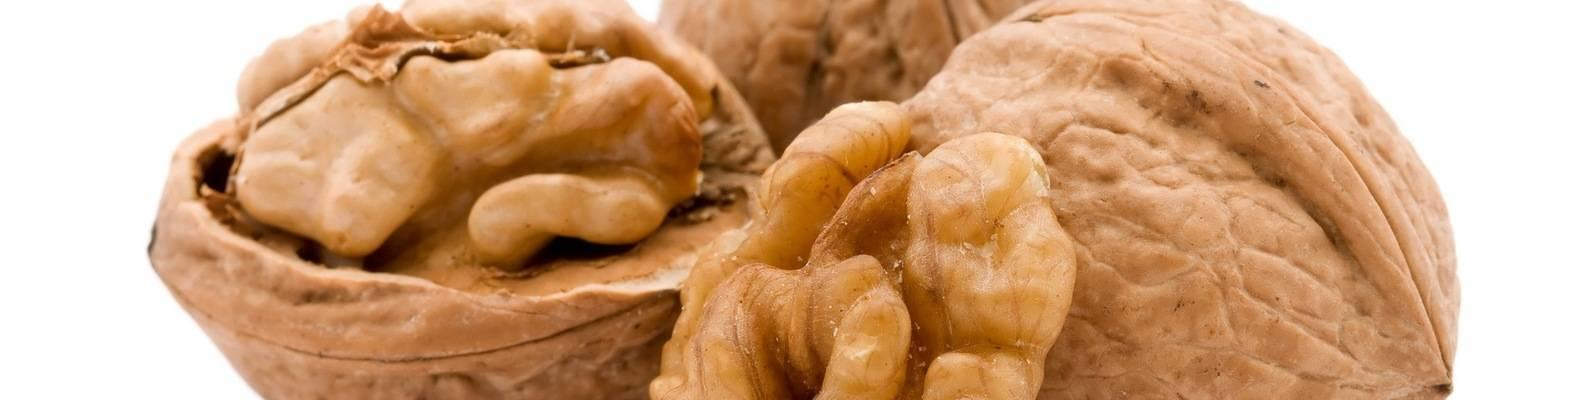 Диета и холестерин: продукты, которые помогут улучшить ваши показатели